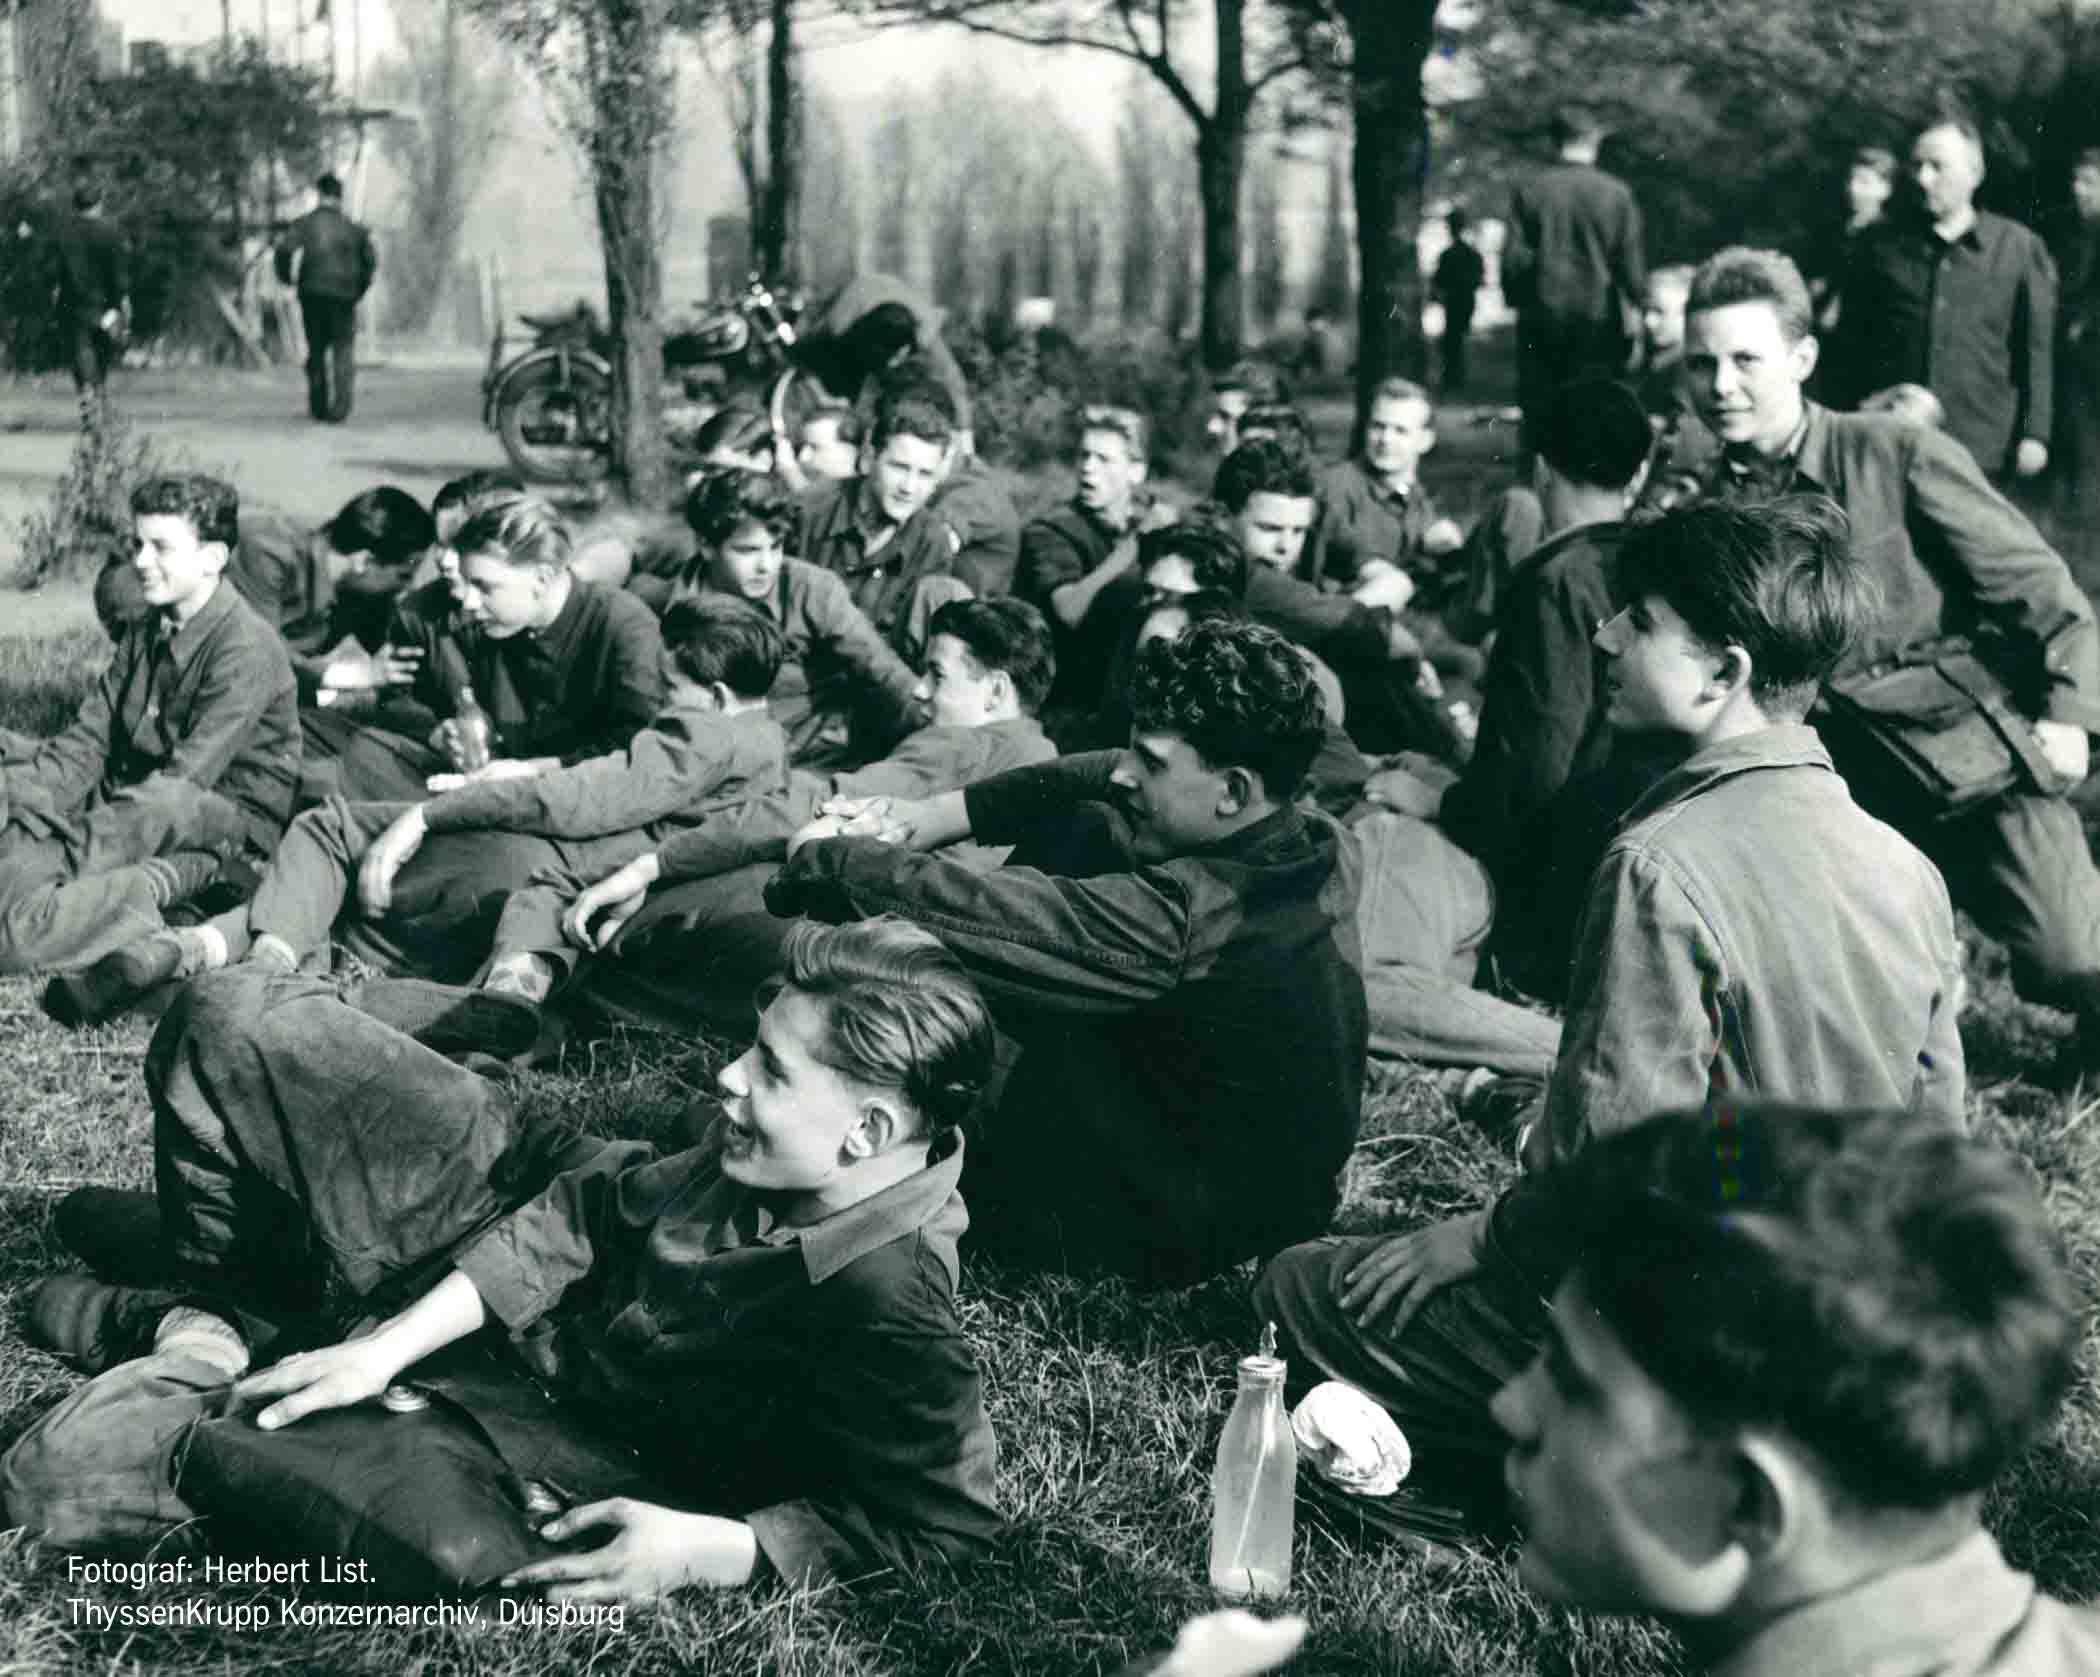 Auszubildende der Thyssen-Hütte während der Pause. Foto: Herbert List, ThyssenKrupp Konzerarchiv